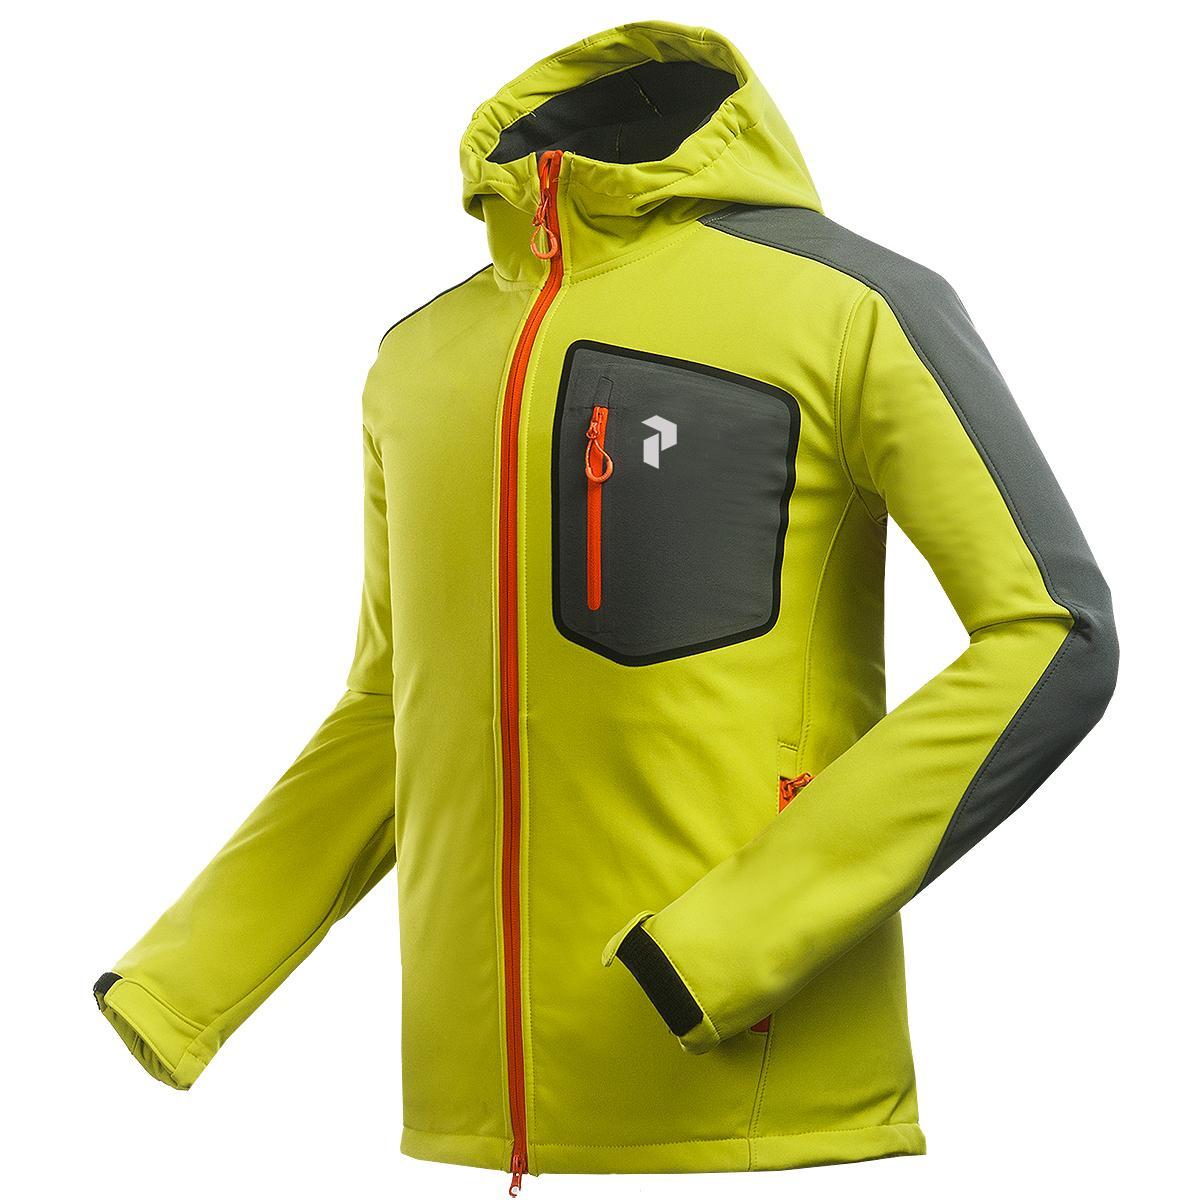 HOT Новая осень и зима PEAK флис свитер куртка мягкой оболочки куртки для мужчин норте лица спорта на открытом воздухе одежды бесплатную доставку 01503